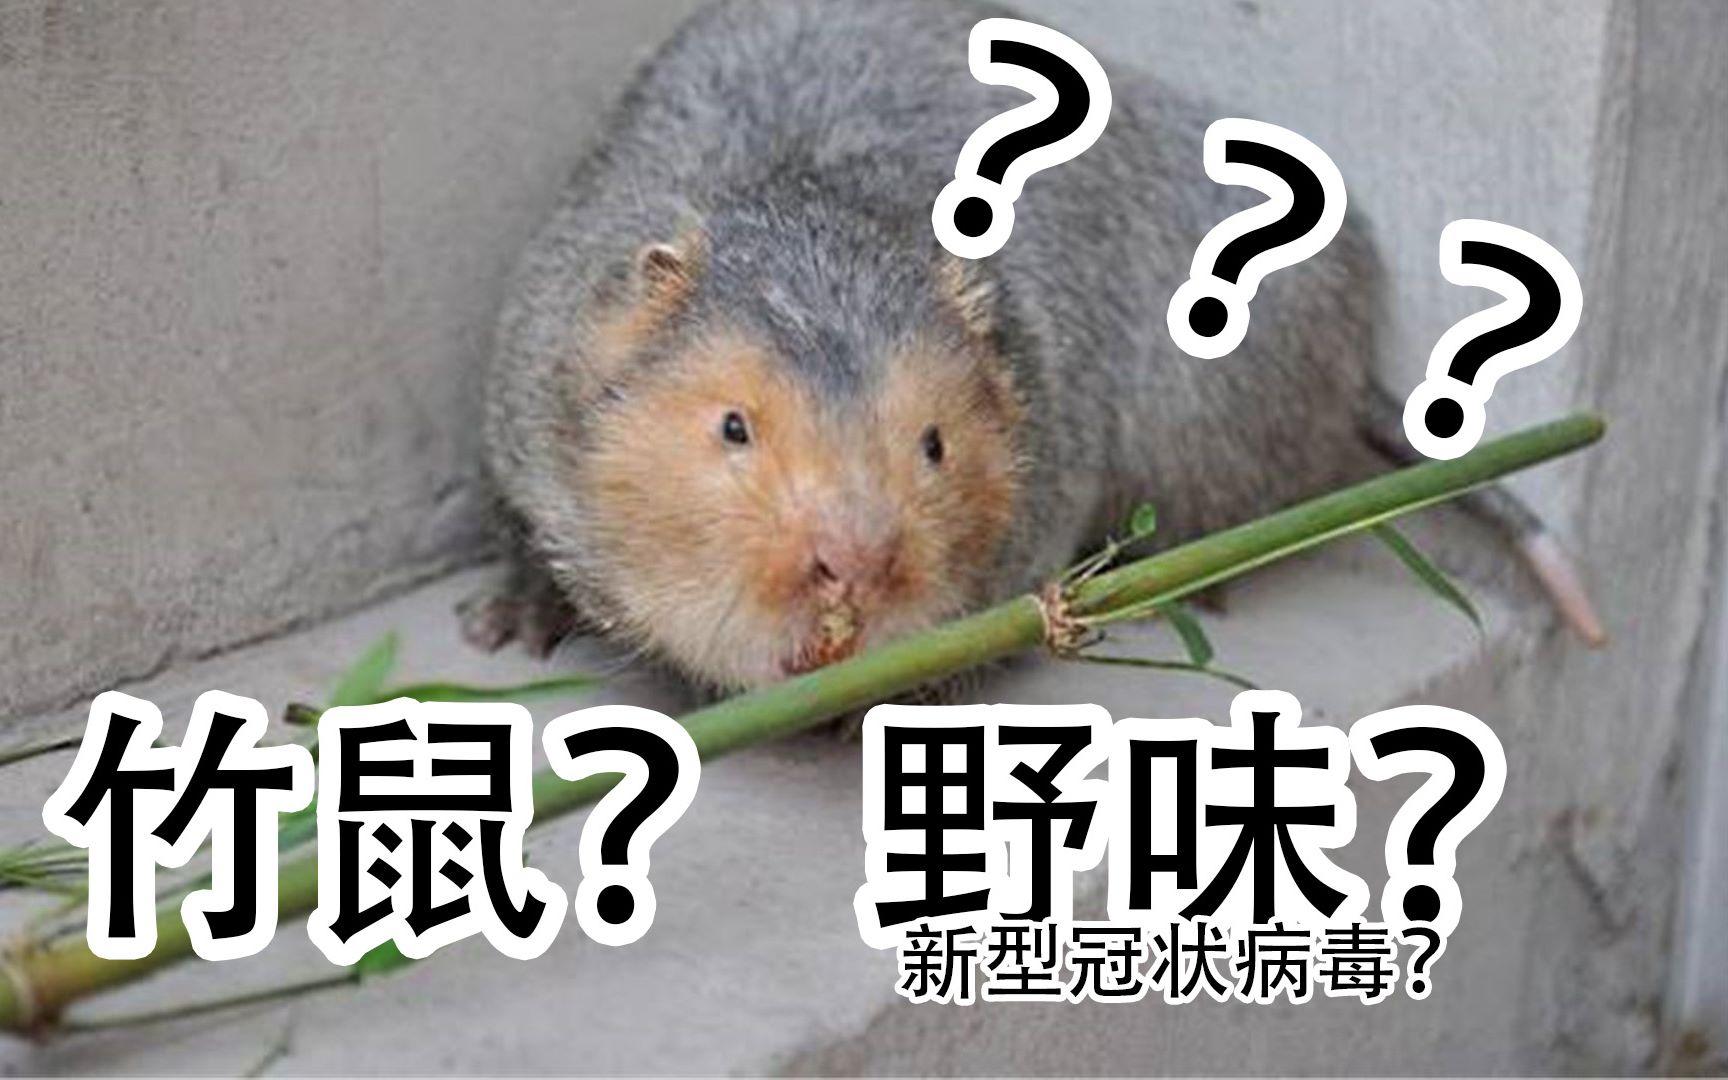 华农竹鼠是否算作野味,新型冠状病毒和野味到底有何关系?